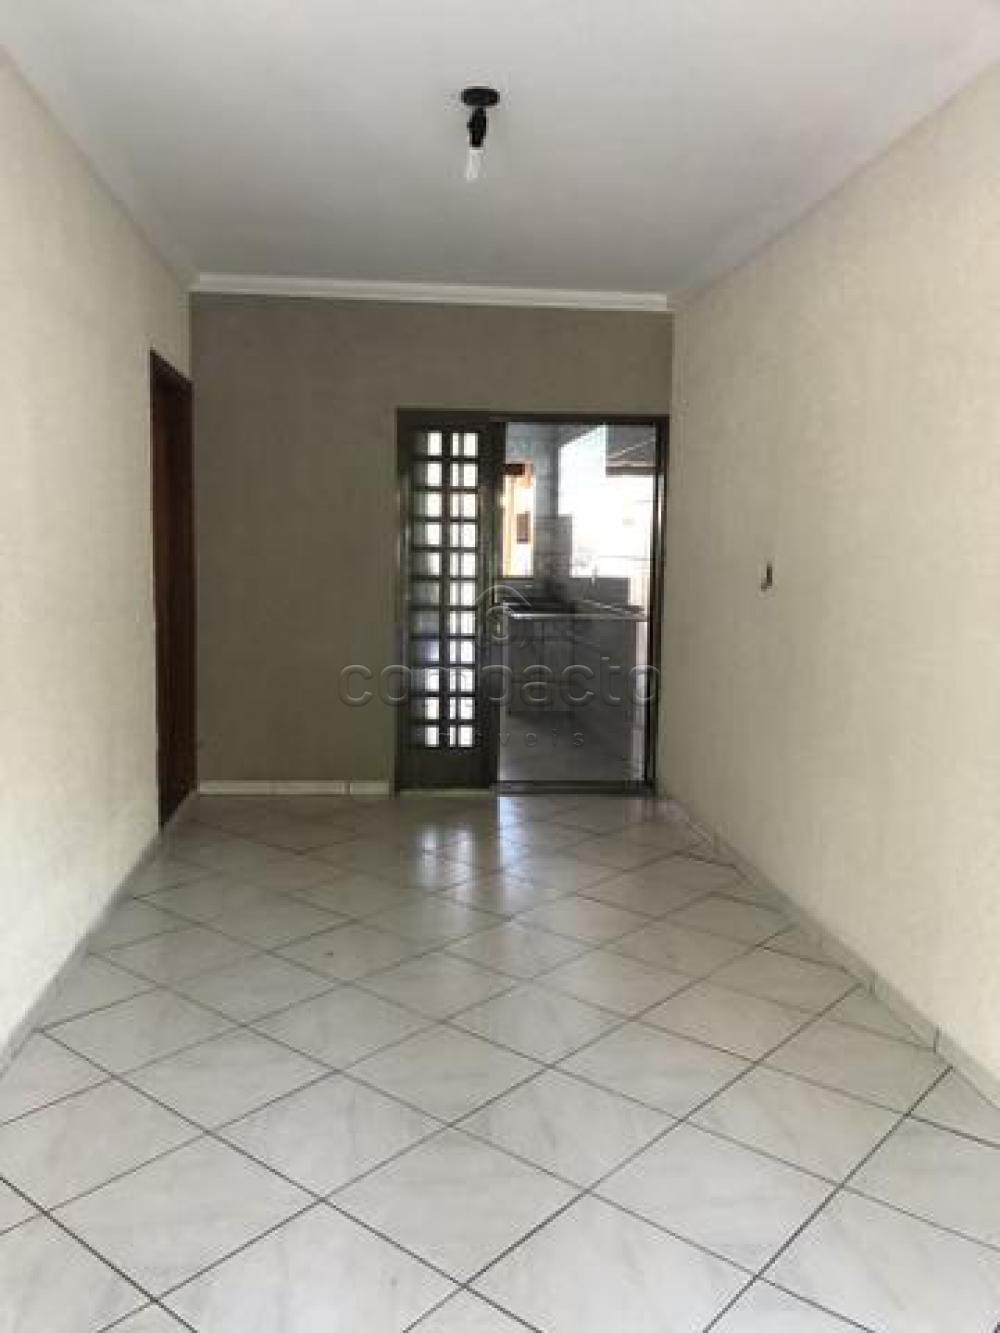 Comprar Casa / Padrão em Mirassol apenas R$ 275.000,00 - Foto 3